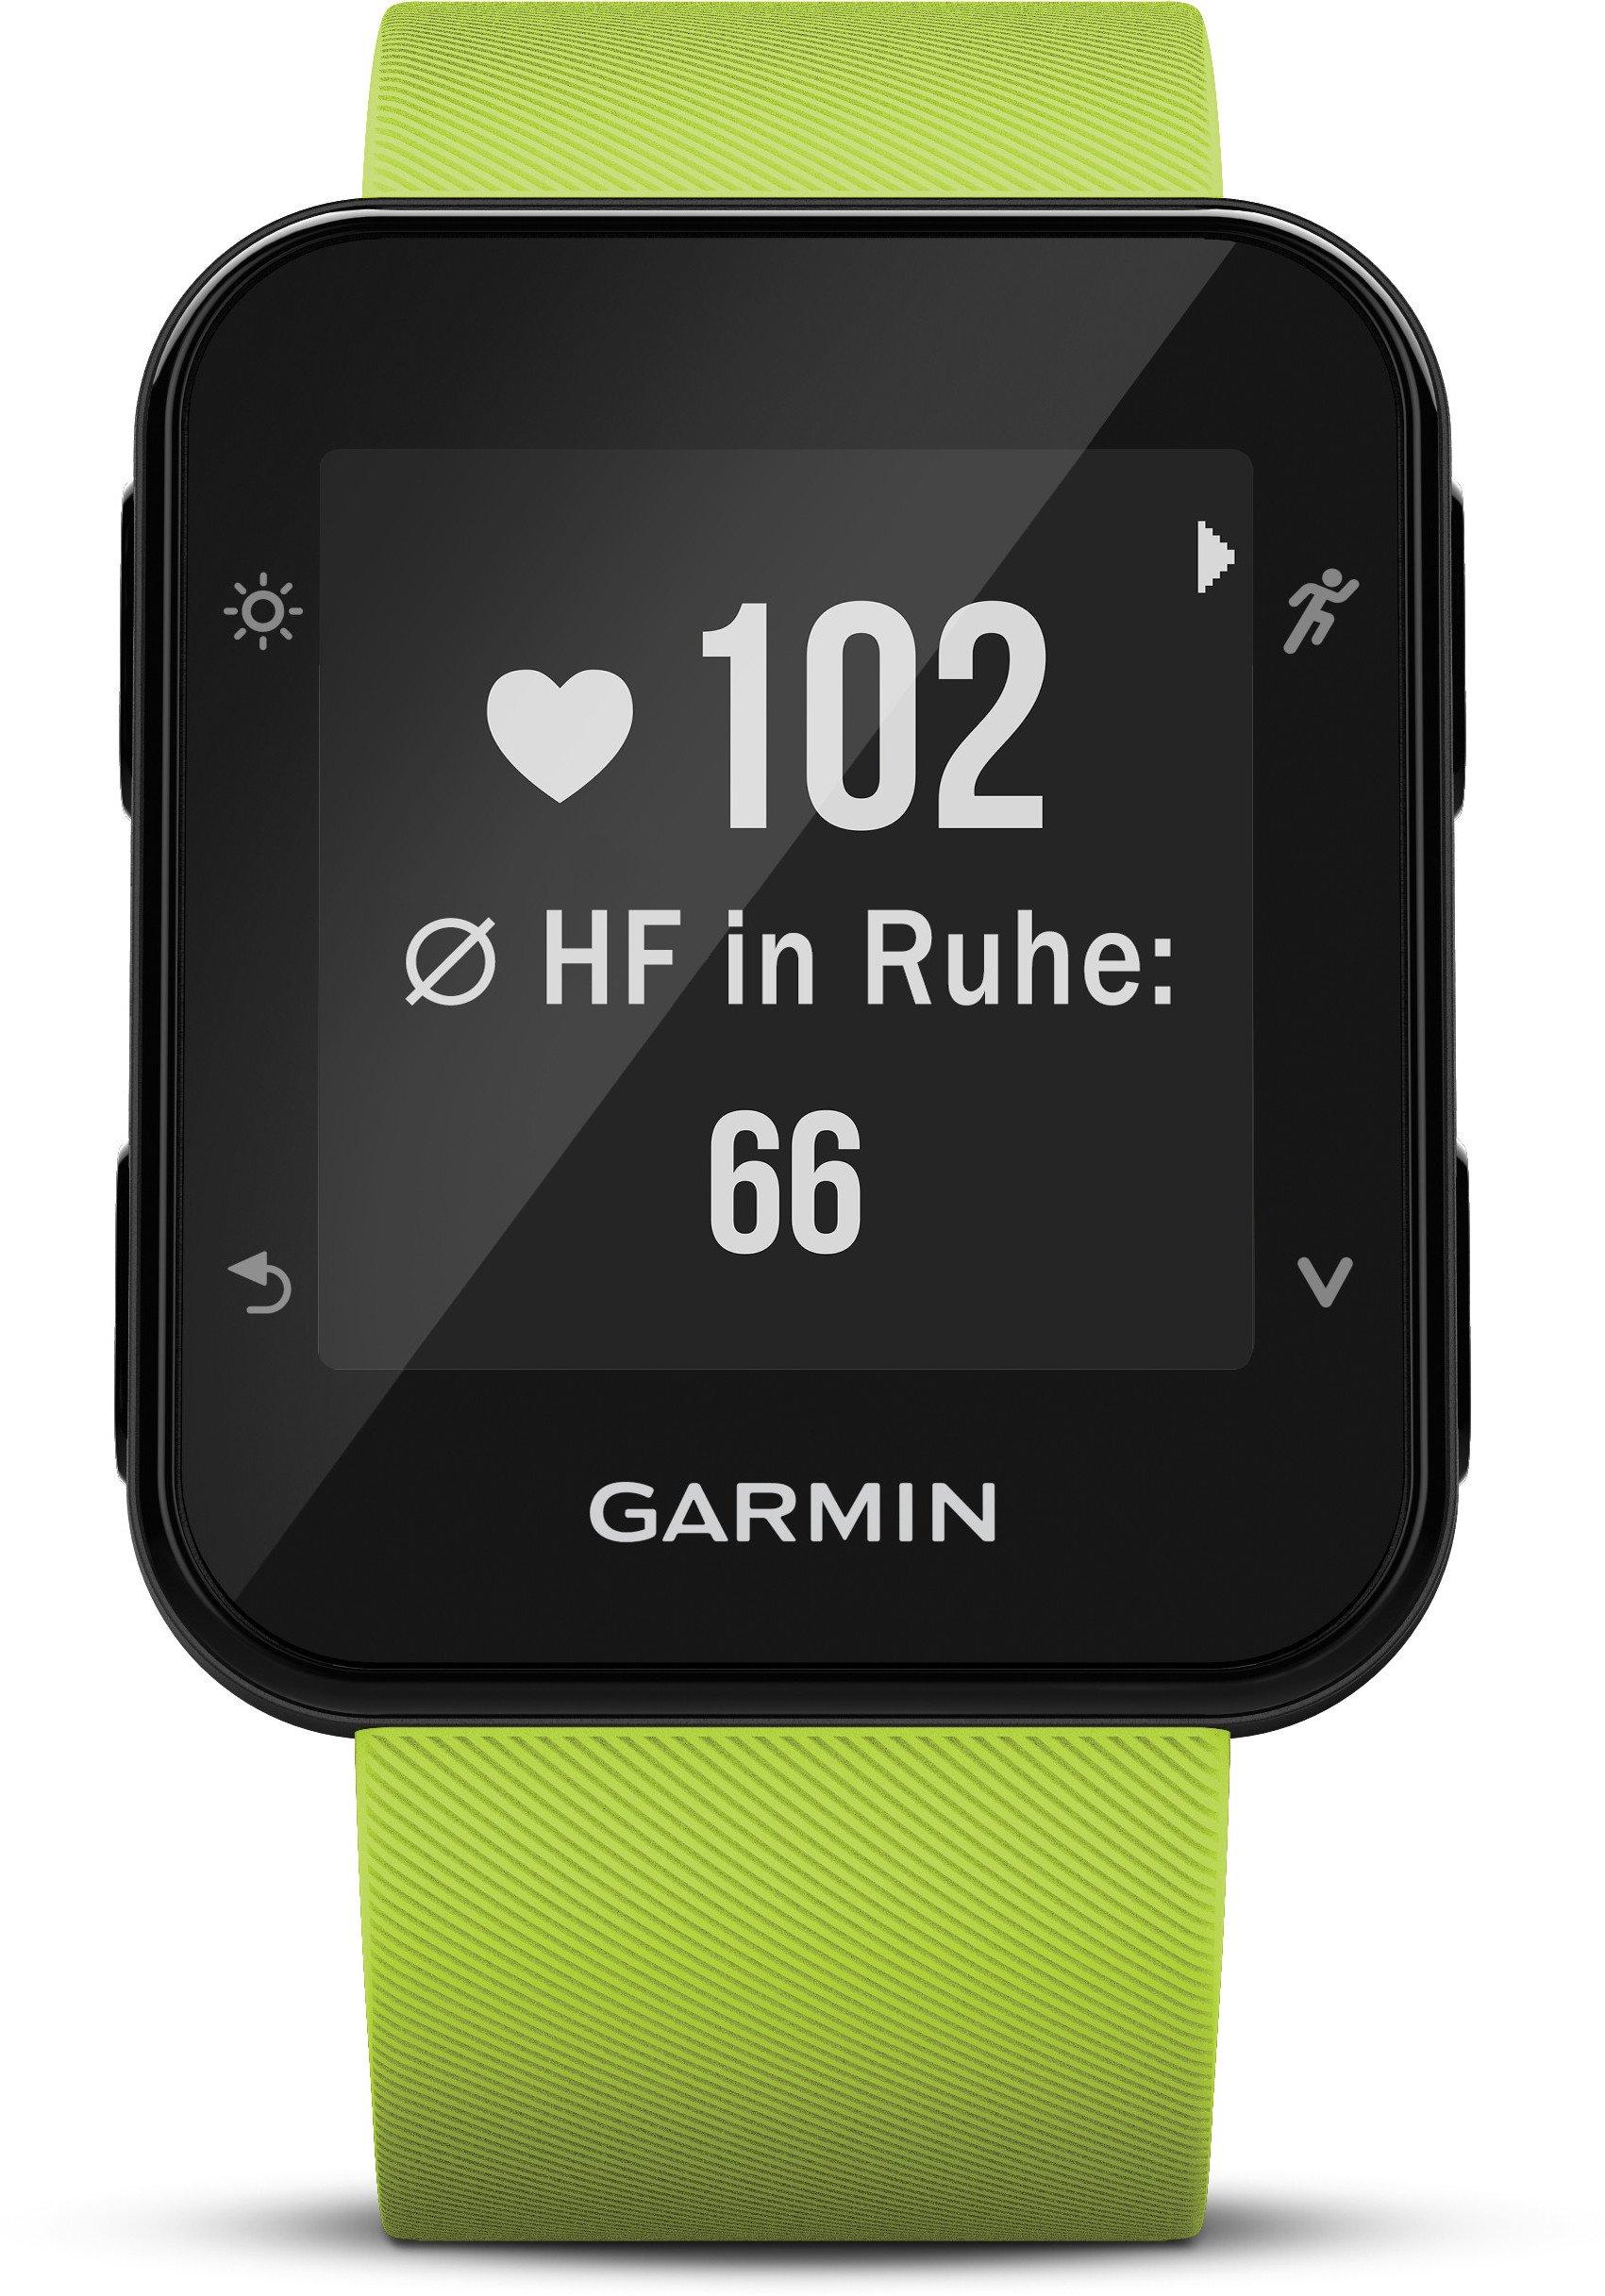 Garmin Forerunner 35 GPS Running Watch con Sensore Cardio al Polso, Connettività Smart e Monitoraggio Attività… 1 spesavip